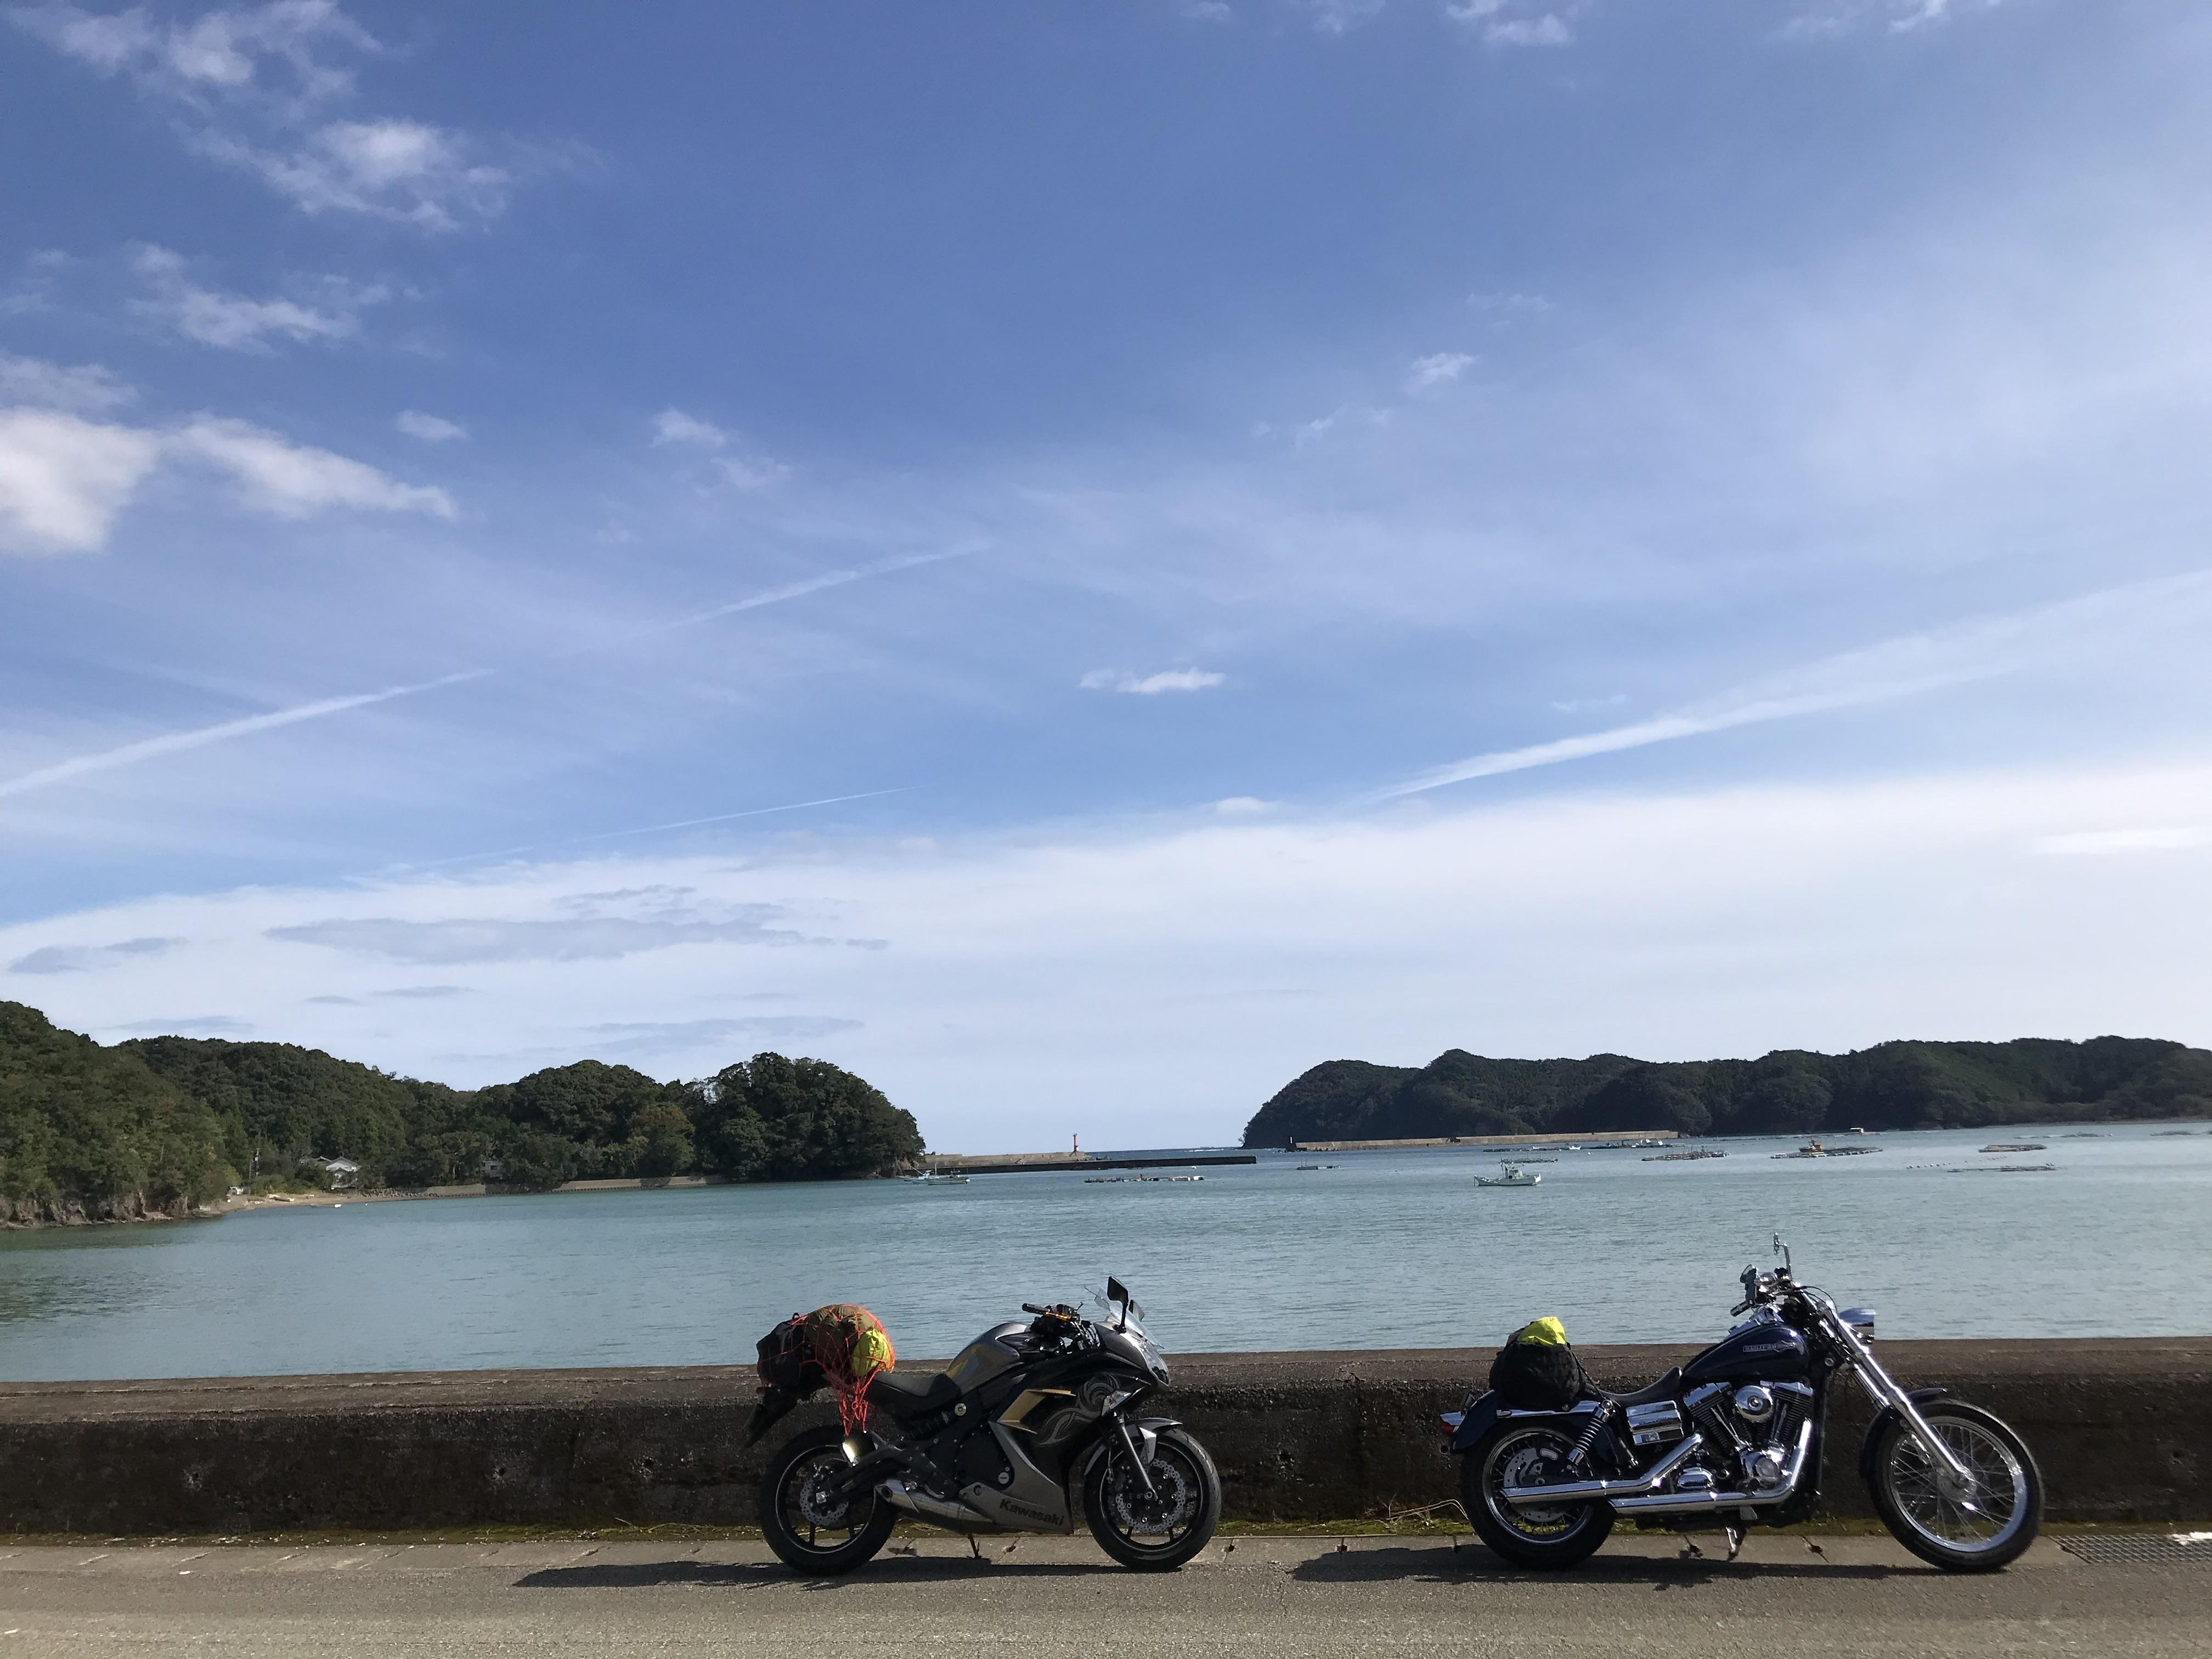 ぴーきち&ダイナ ハーレーで行く 室戸岬 ツーリング 徳島県海陽町 海岸線